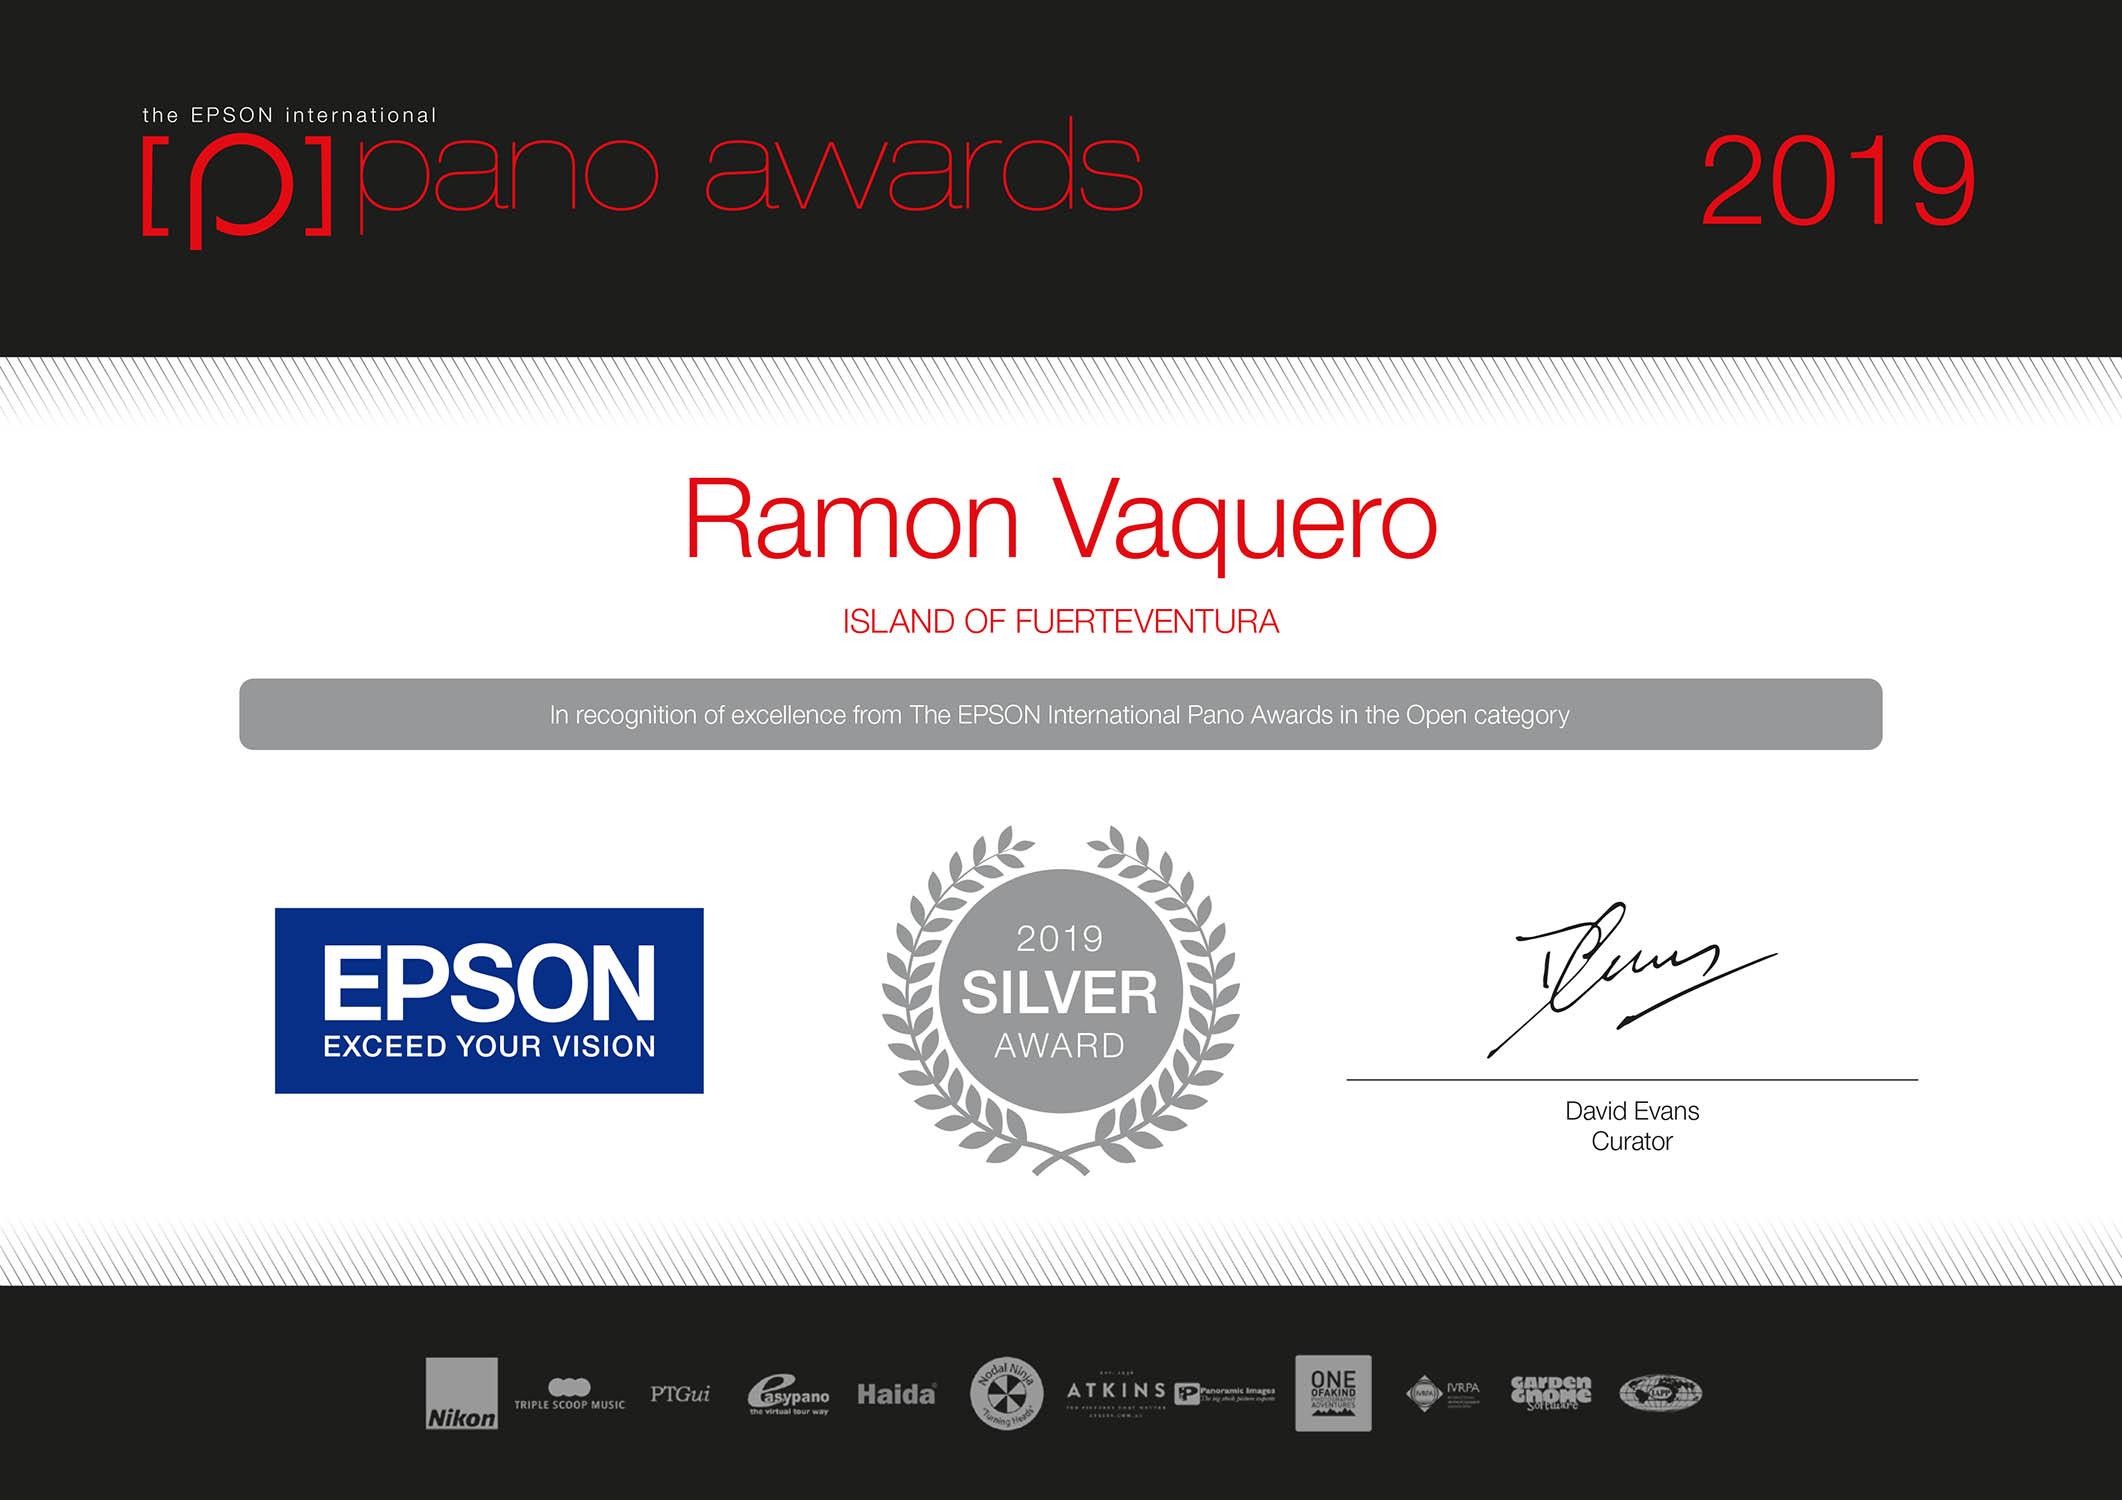 2019-Epson-Pano-Awards-Certificate-Open-ramon-vaquero